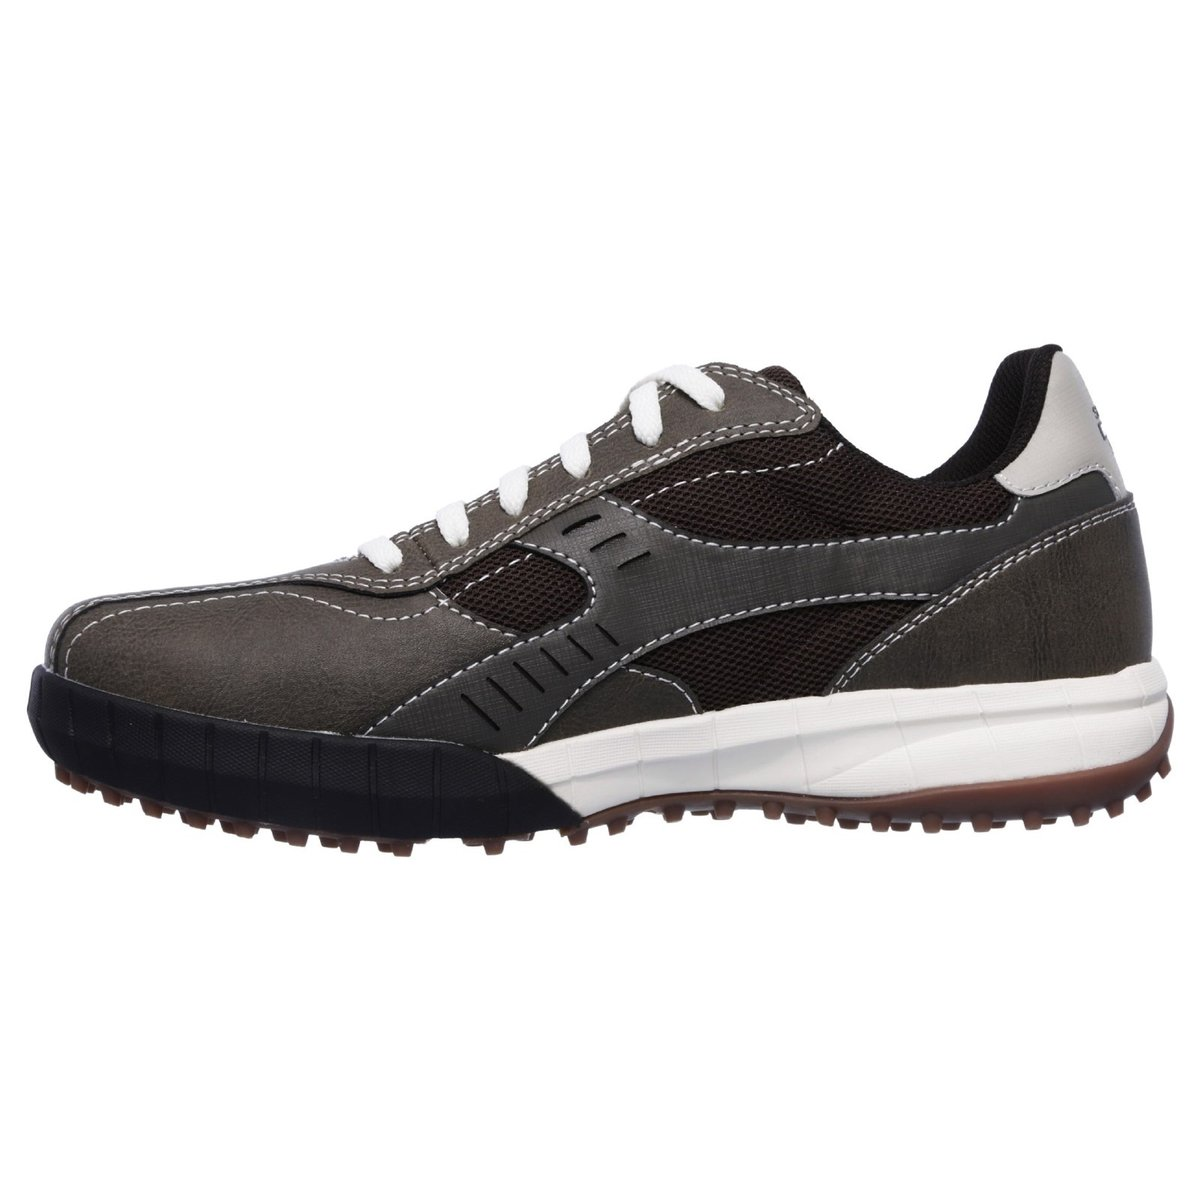 Skechers-Zapatillas-de-cuero-con-cordones-modelo-Floater-2-0-para-FS5178 miniatura 11